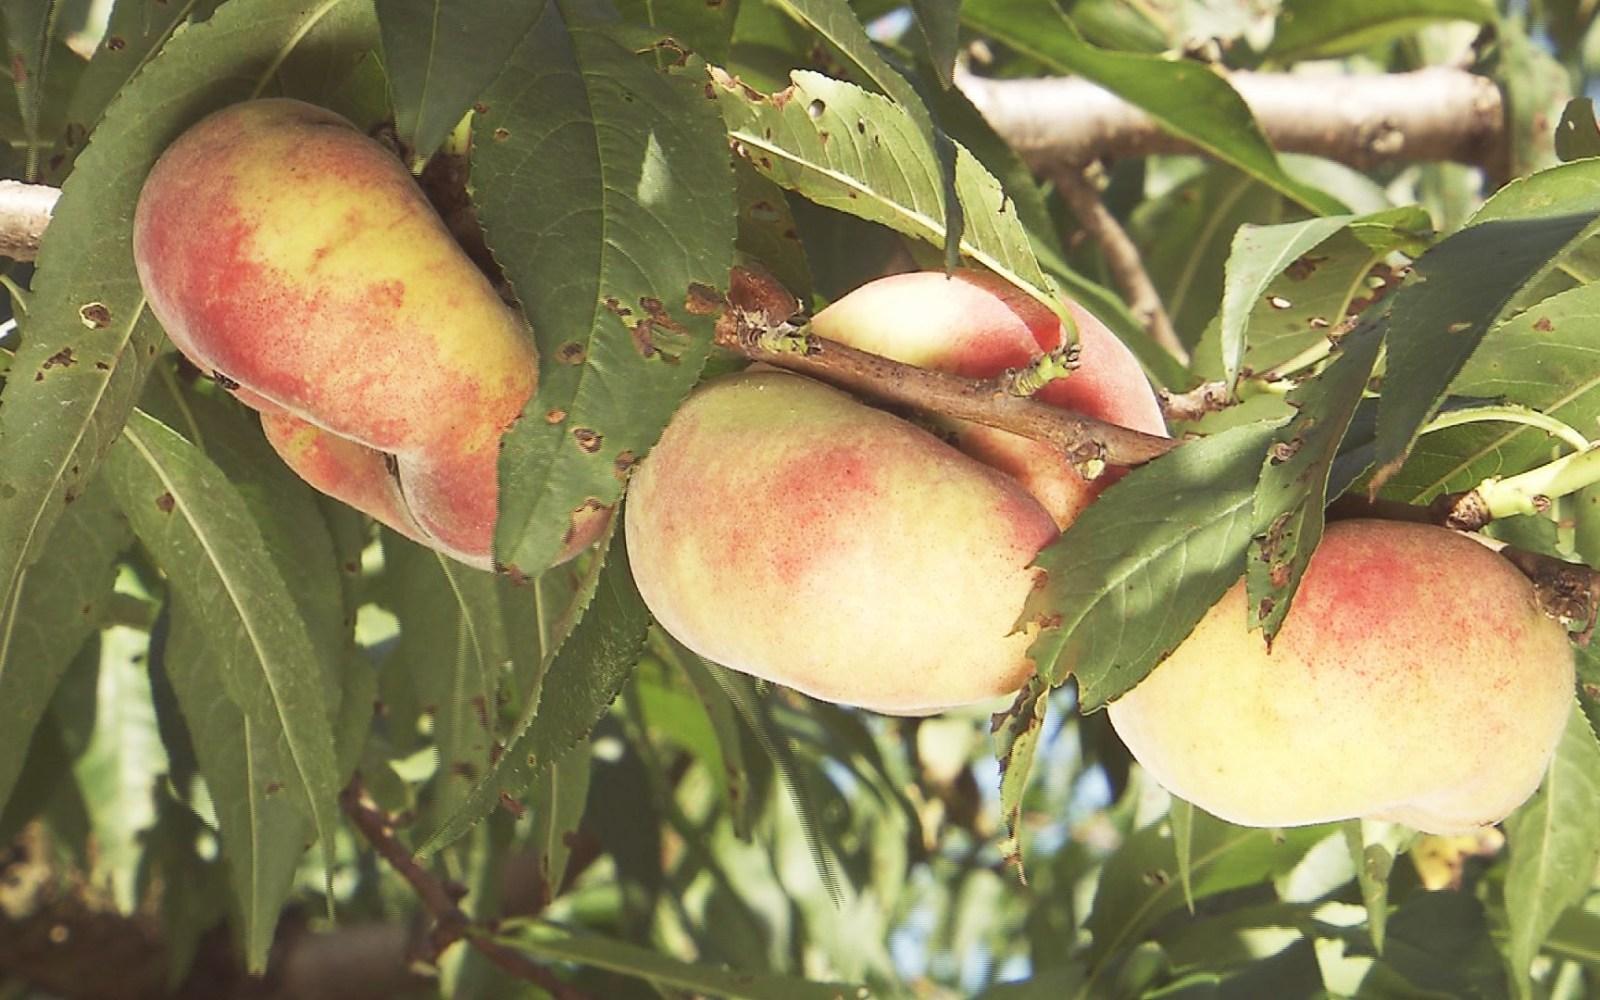 みずみずしくて甘味も!中国原産の珍しい桃「蟠桃」